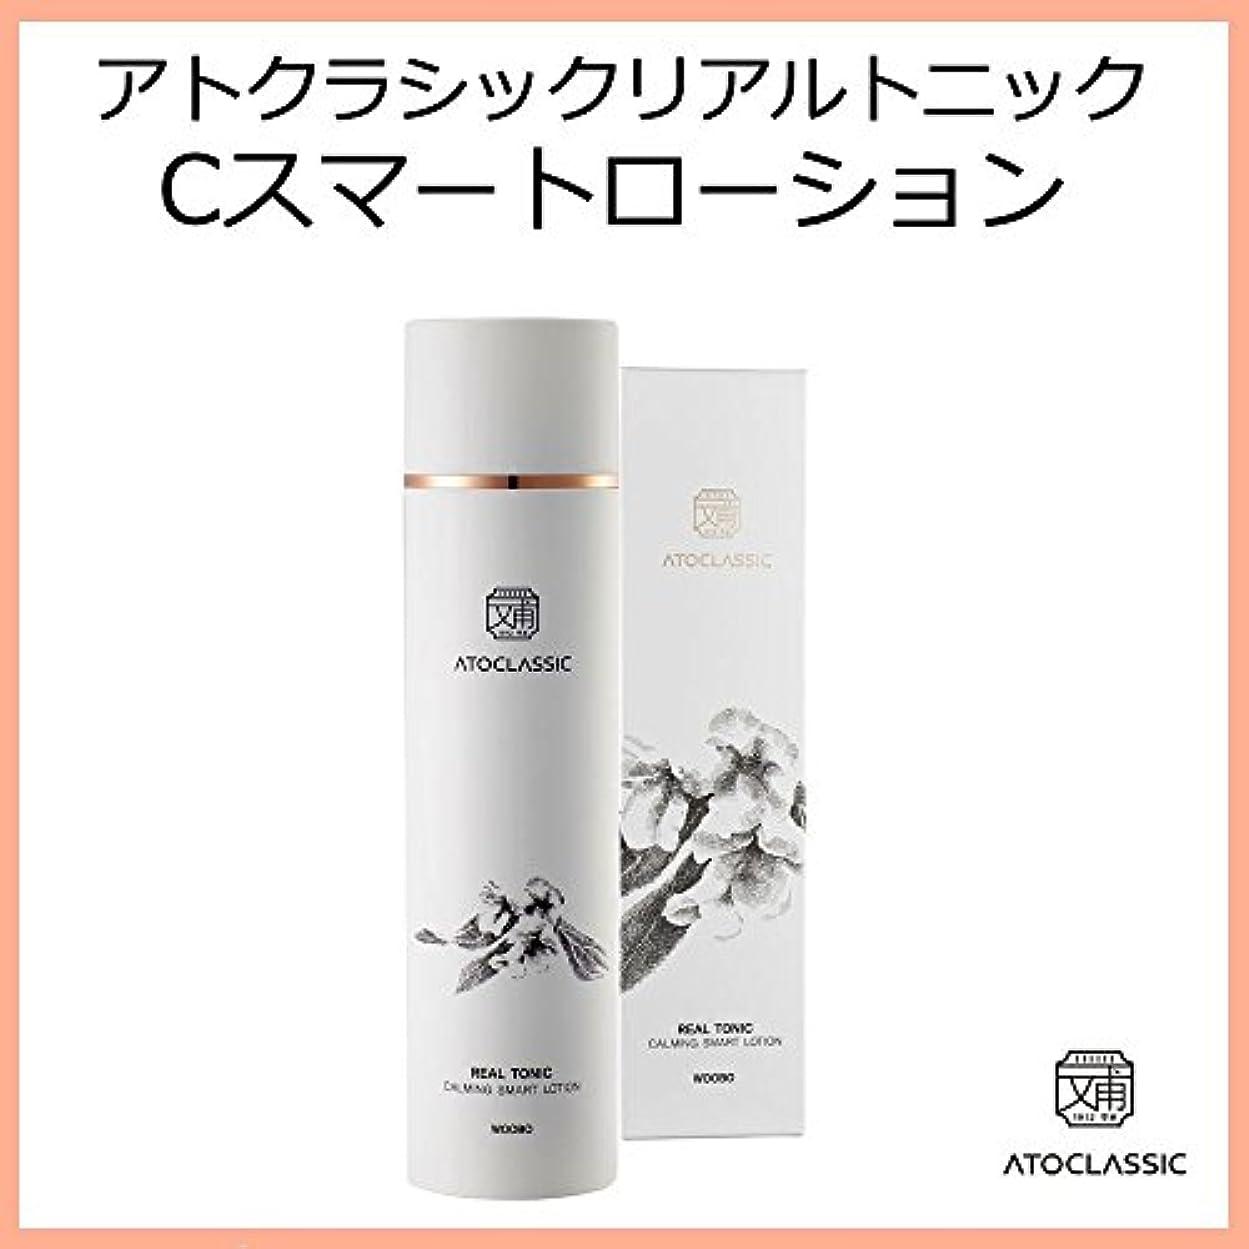 事ワックス弾性韓国コスメ ATOCLASSIC アトクラシックリアルトニック Cスマートローション(Calming Smart Lotion) 200ml